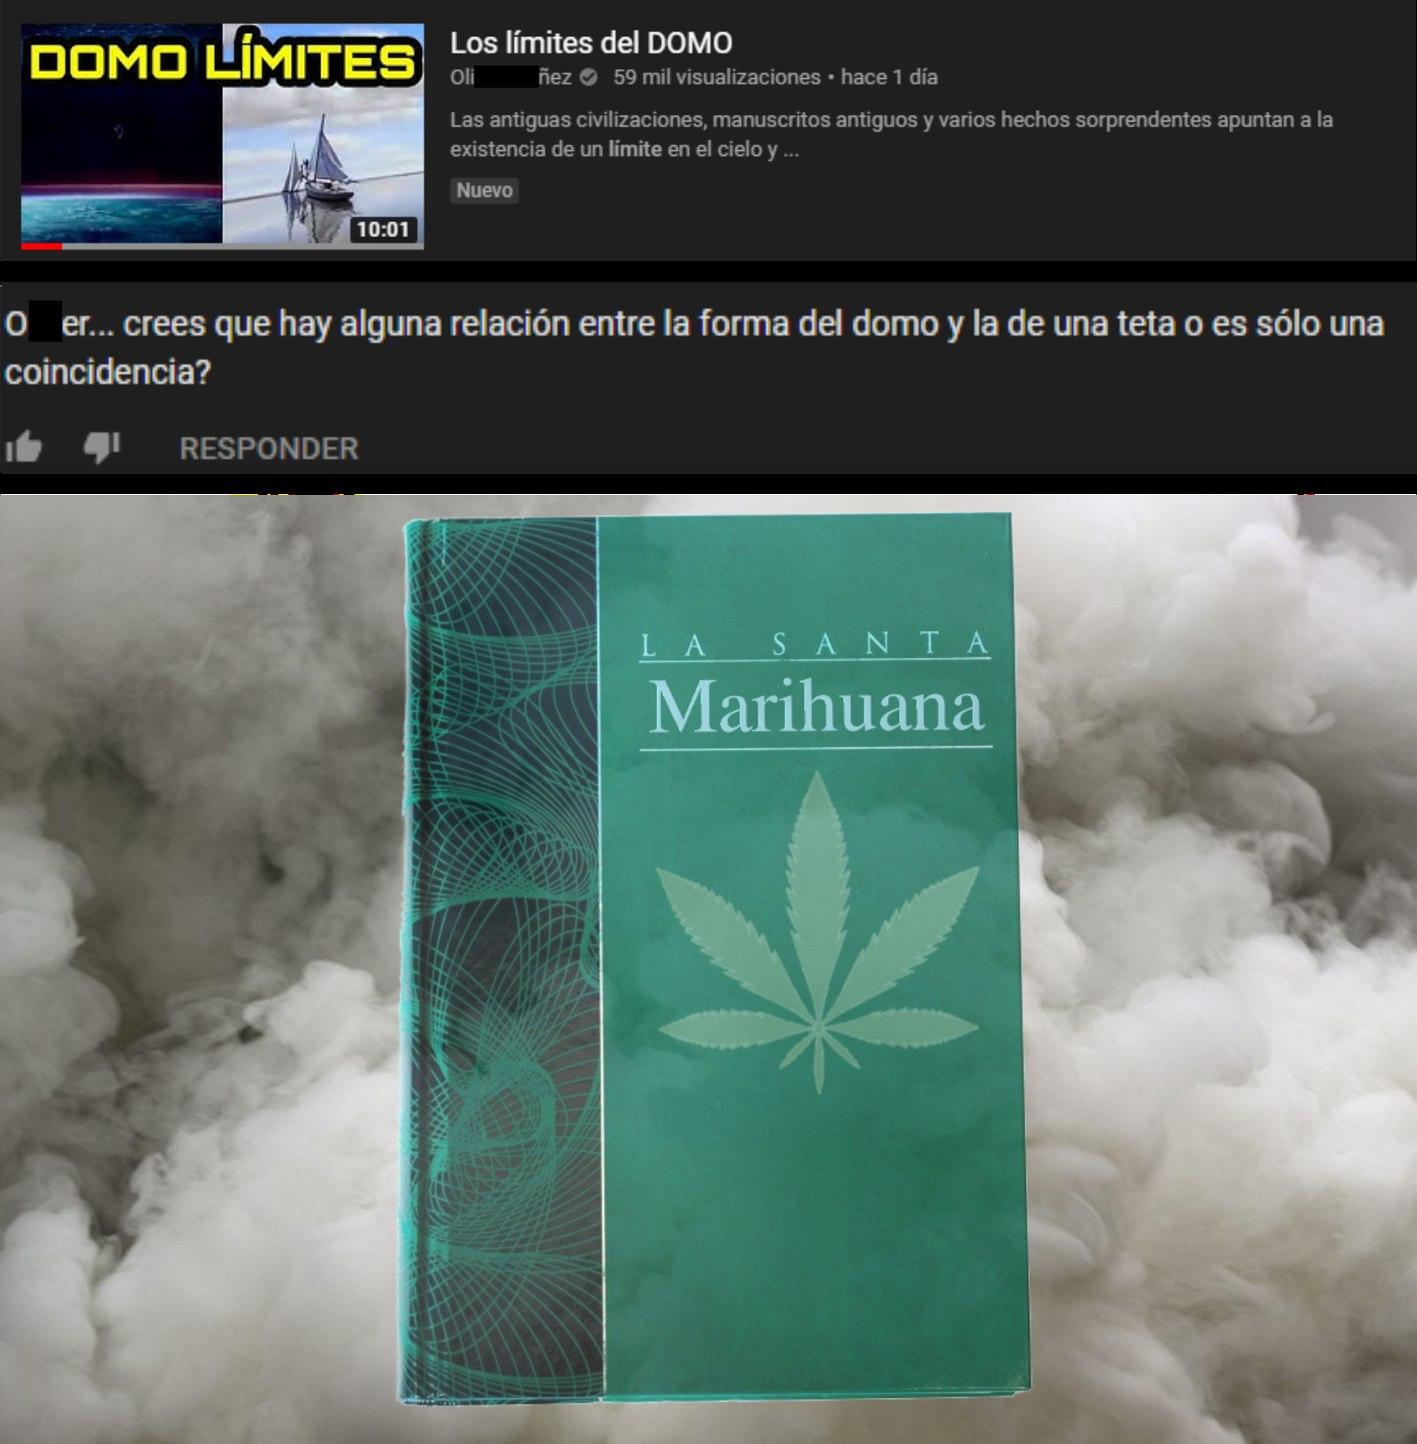 La santa marihuana y el domo perdido - meme